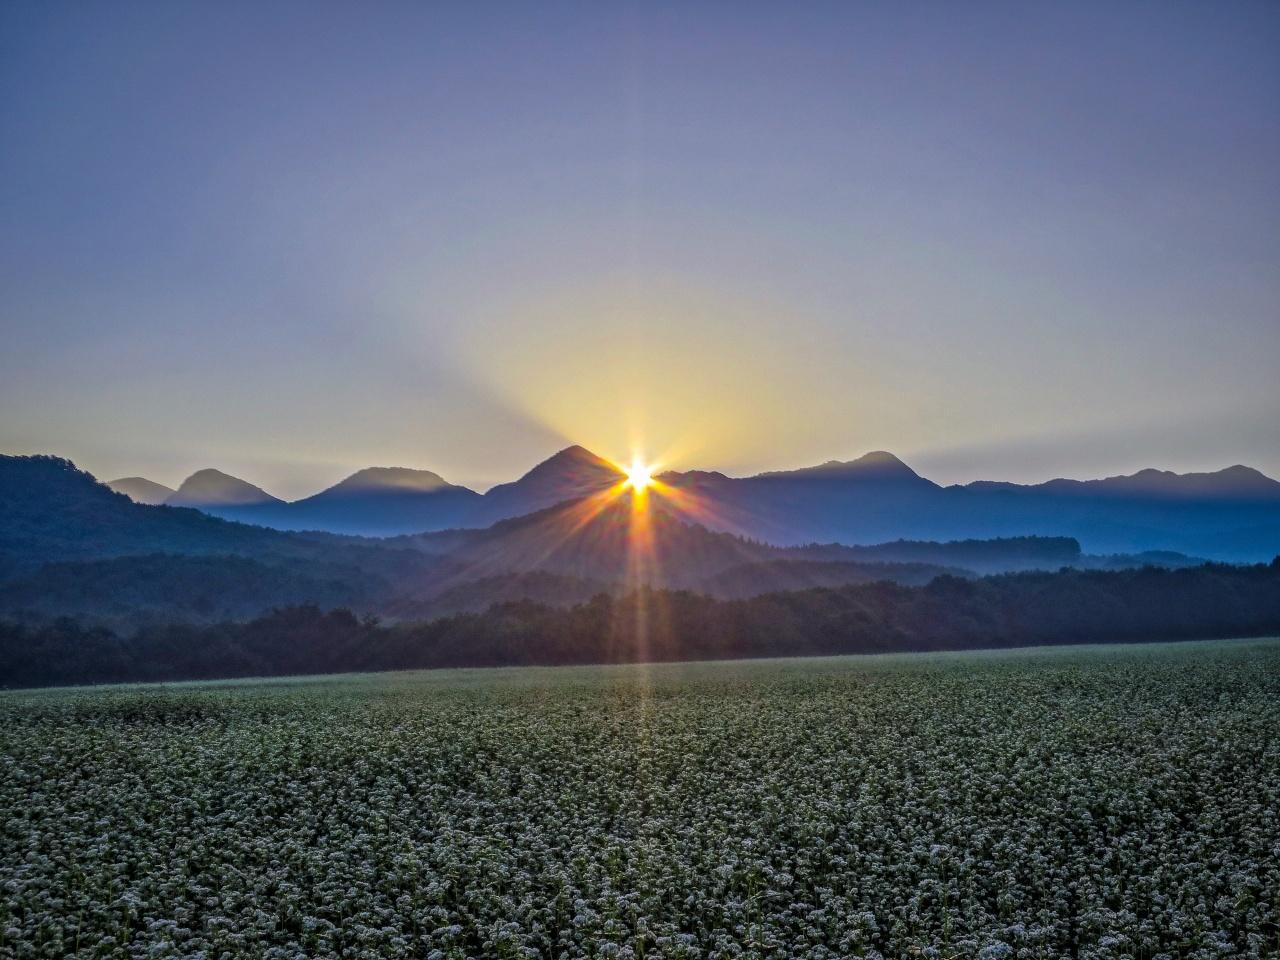 2020.8.27早朝の満開のそば畑(猿楽台地)_e0321032_16501526.jpg